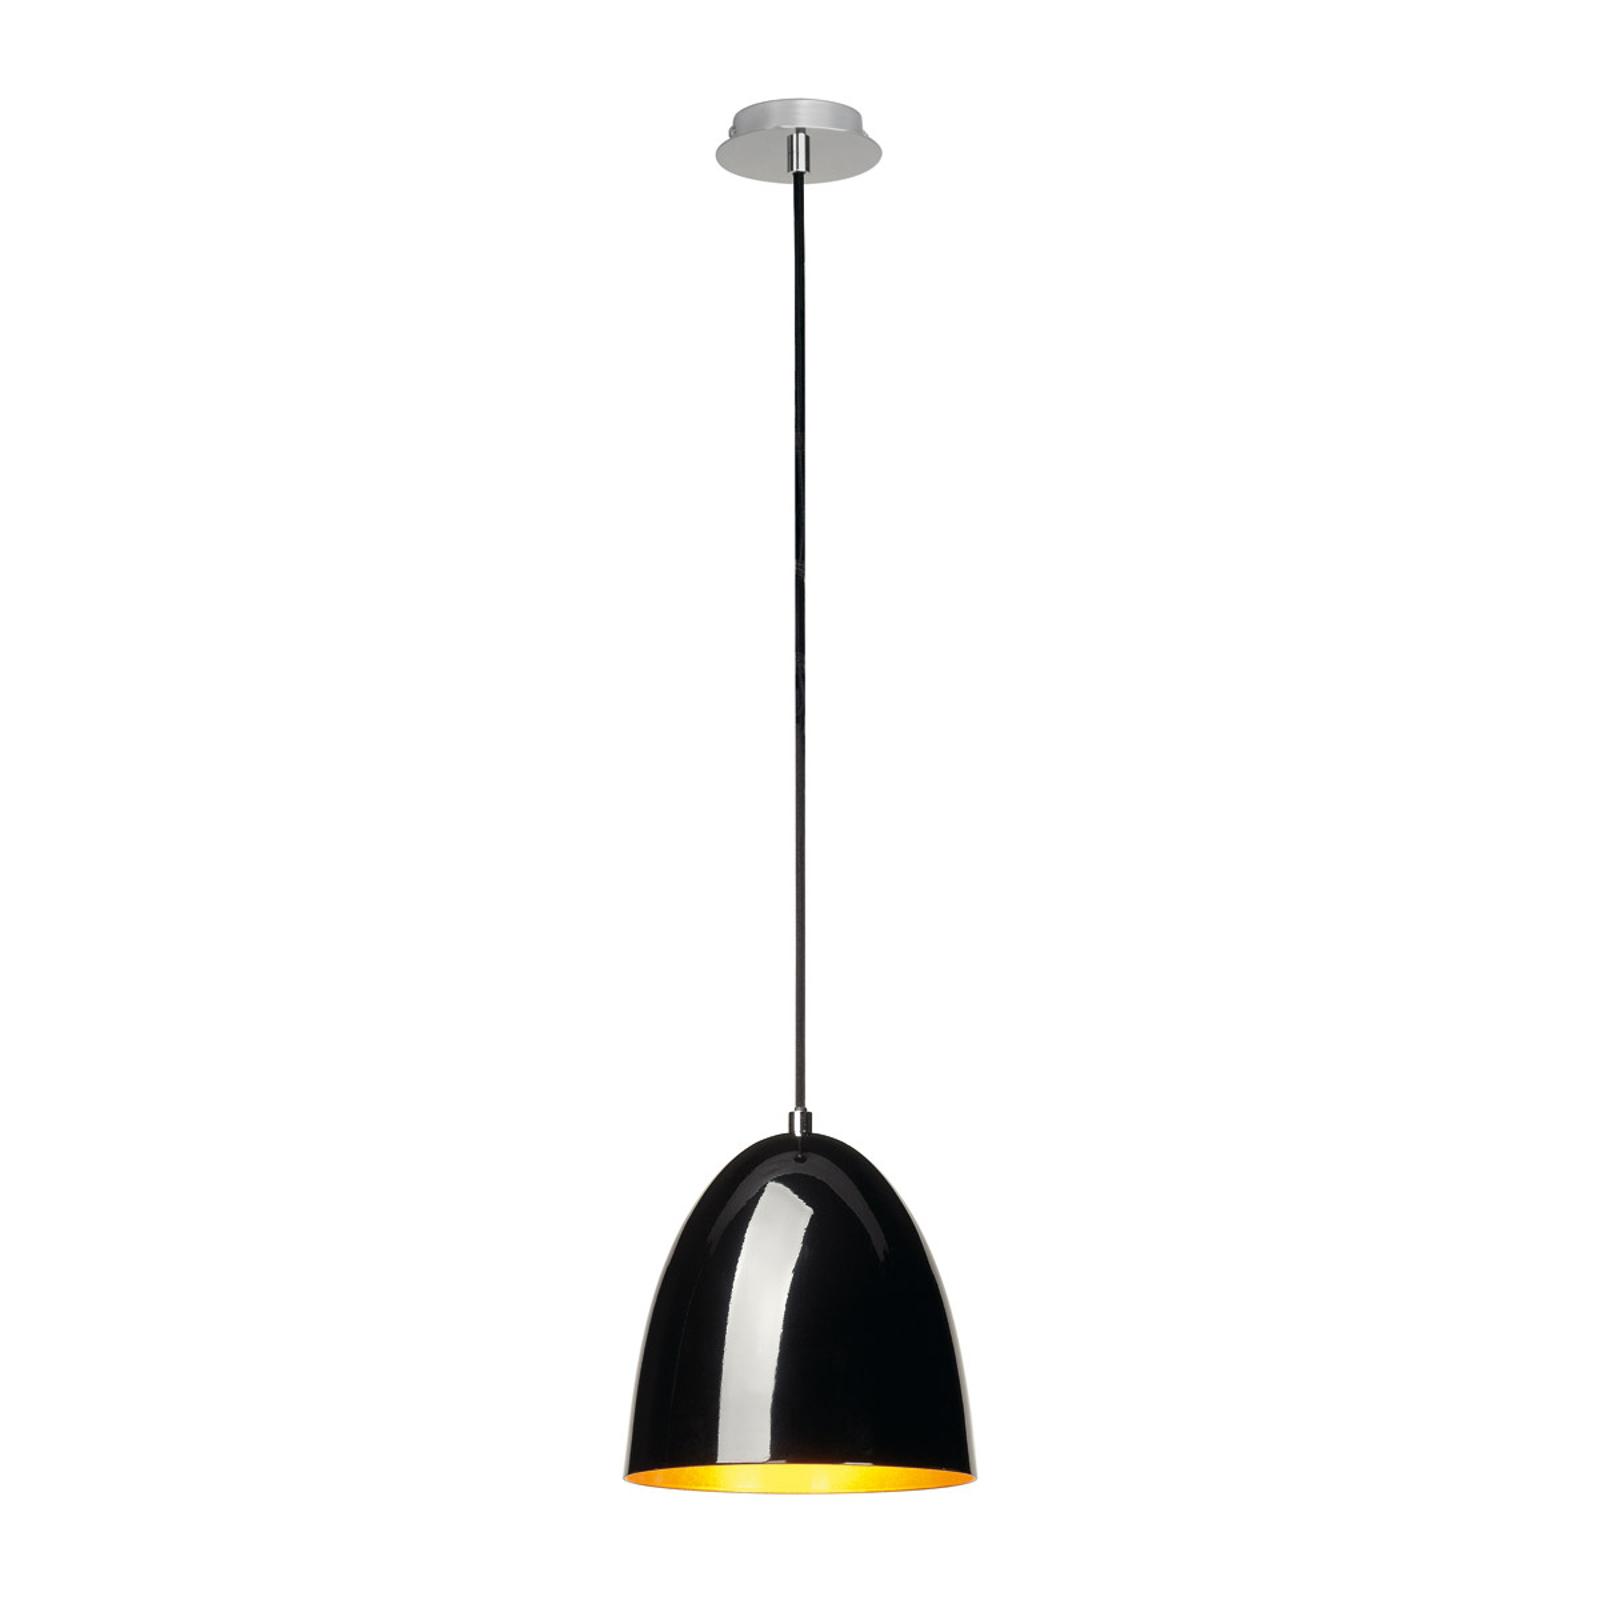 SLV Para Cone 20 lampada a sospensione nero/oro